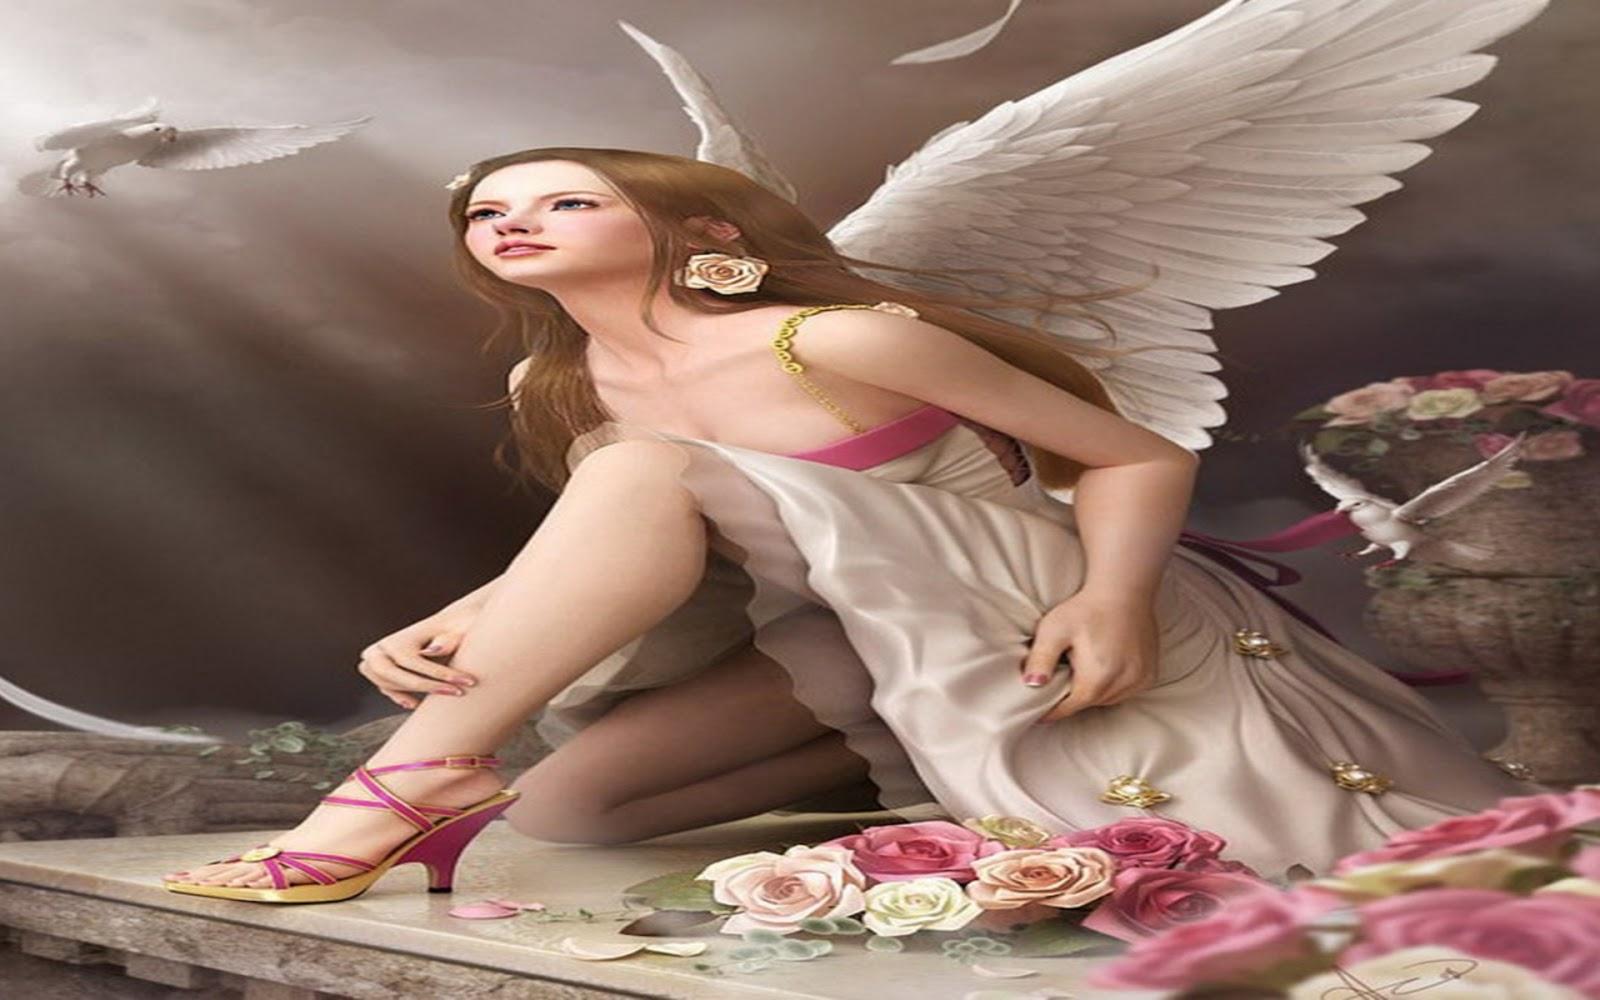 http://4.bp.blogspot.com/-n8OI2c_YNYk/UV6YeS8Z9MI/AAAAAAAAcB0/nj2TkDC3rd8/s1600/ewp+(728).jpg